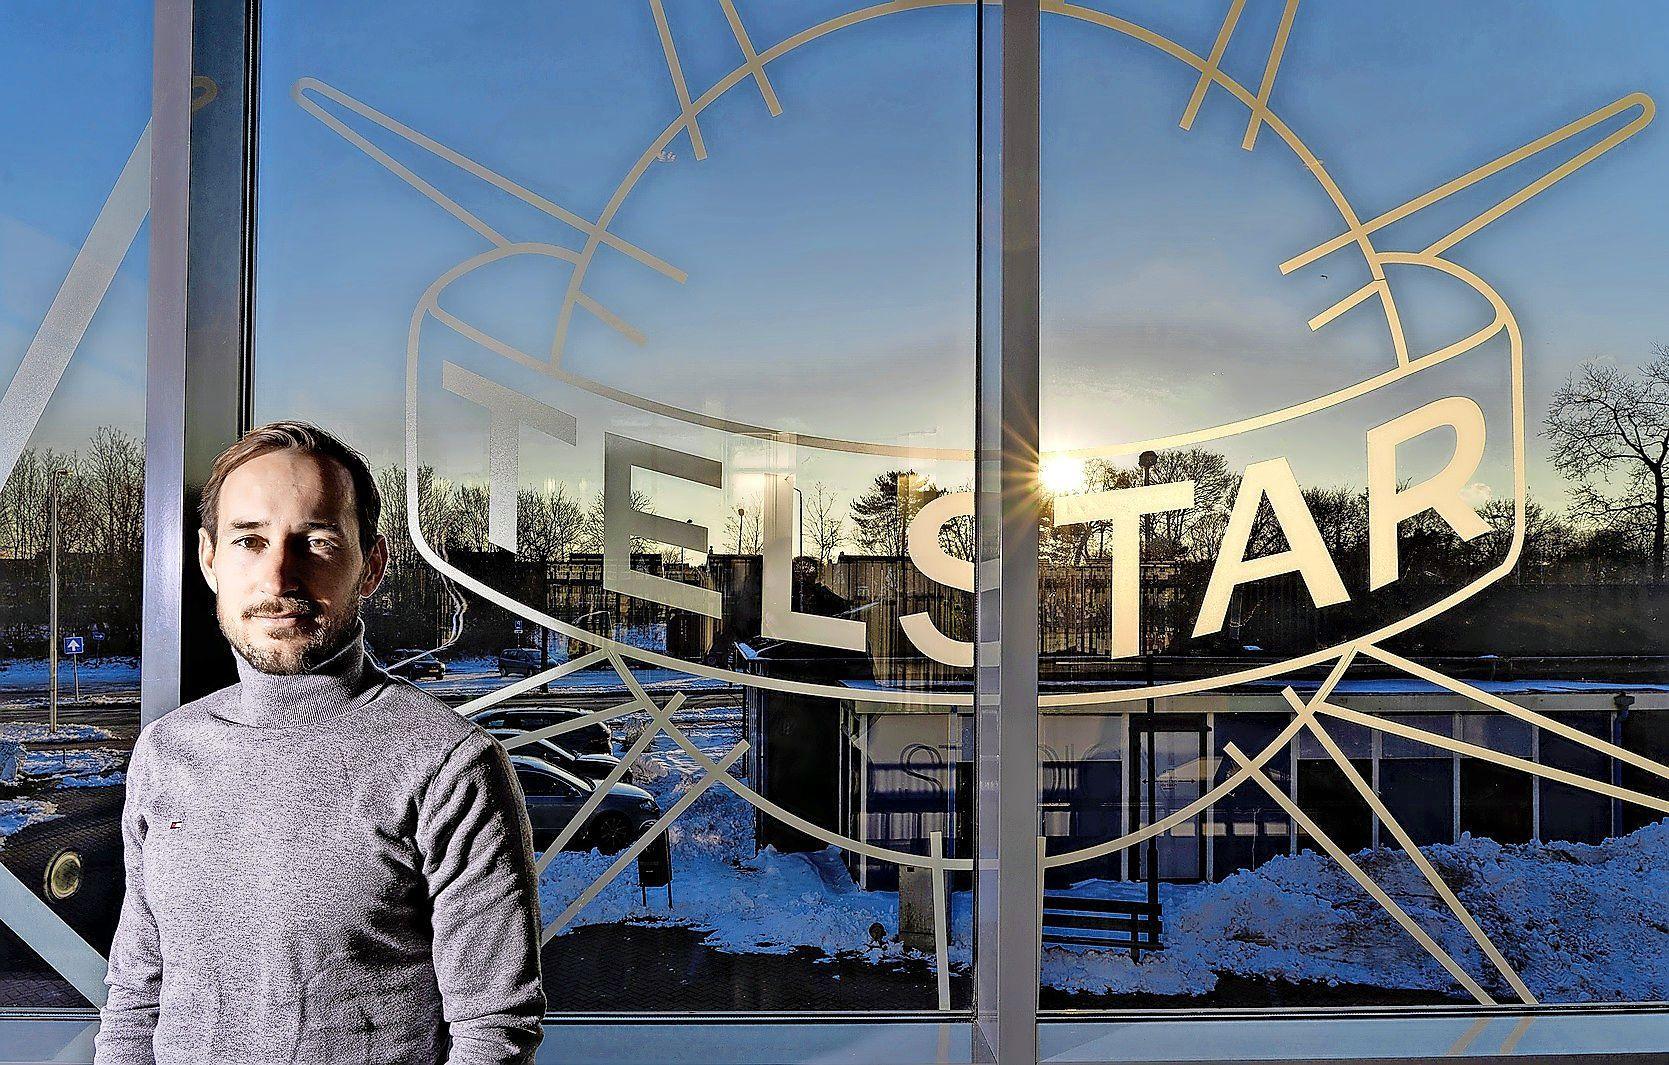 Mister Telstar stopt ermee. Frank Korpershoek behoort tot het uitstervende ras: 'Hoe blij je mensen kunt maken met een kleinigheidje. Dát ga ik het meeste missen'